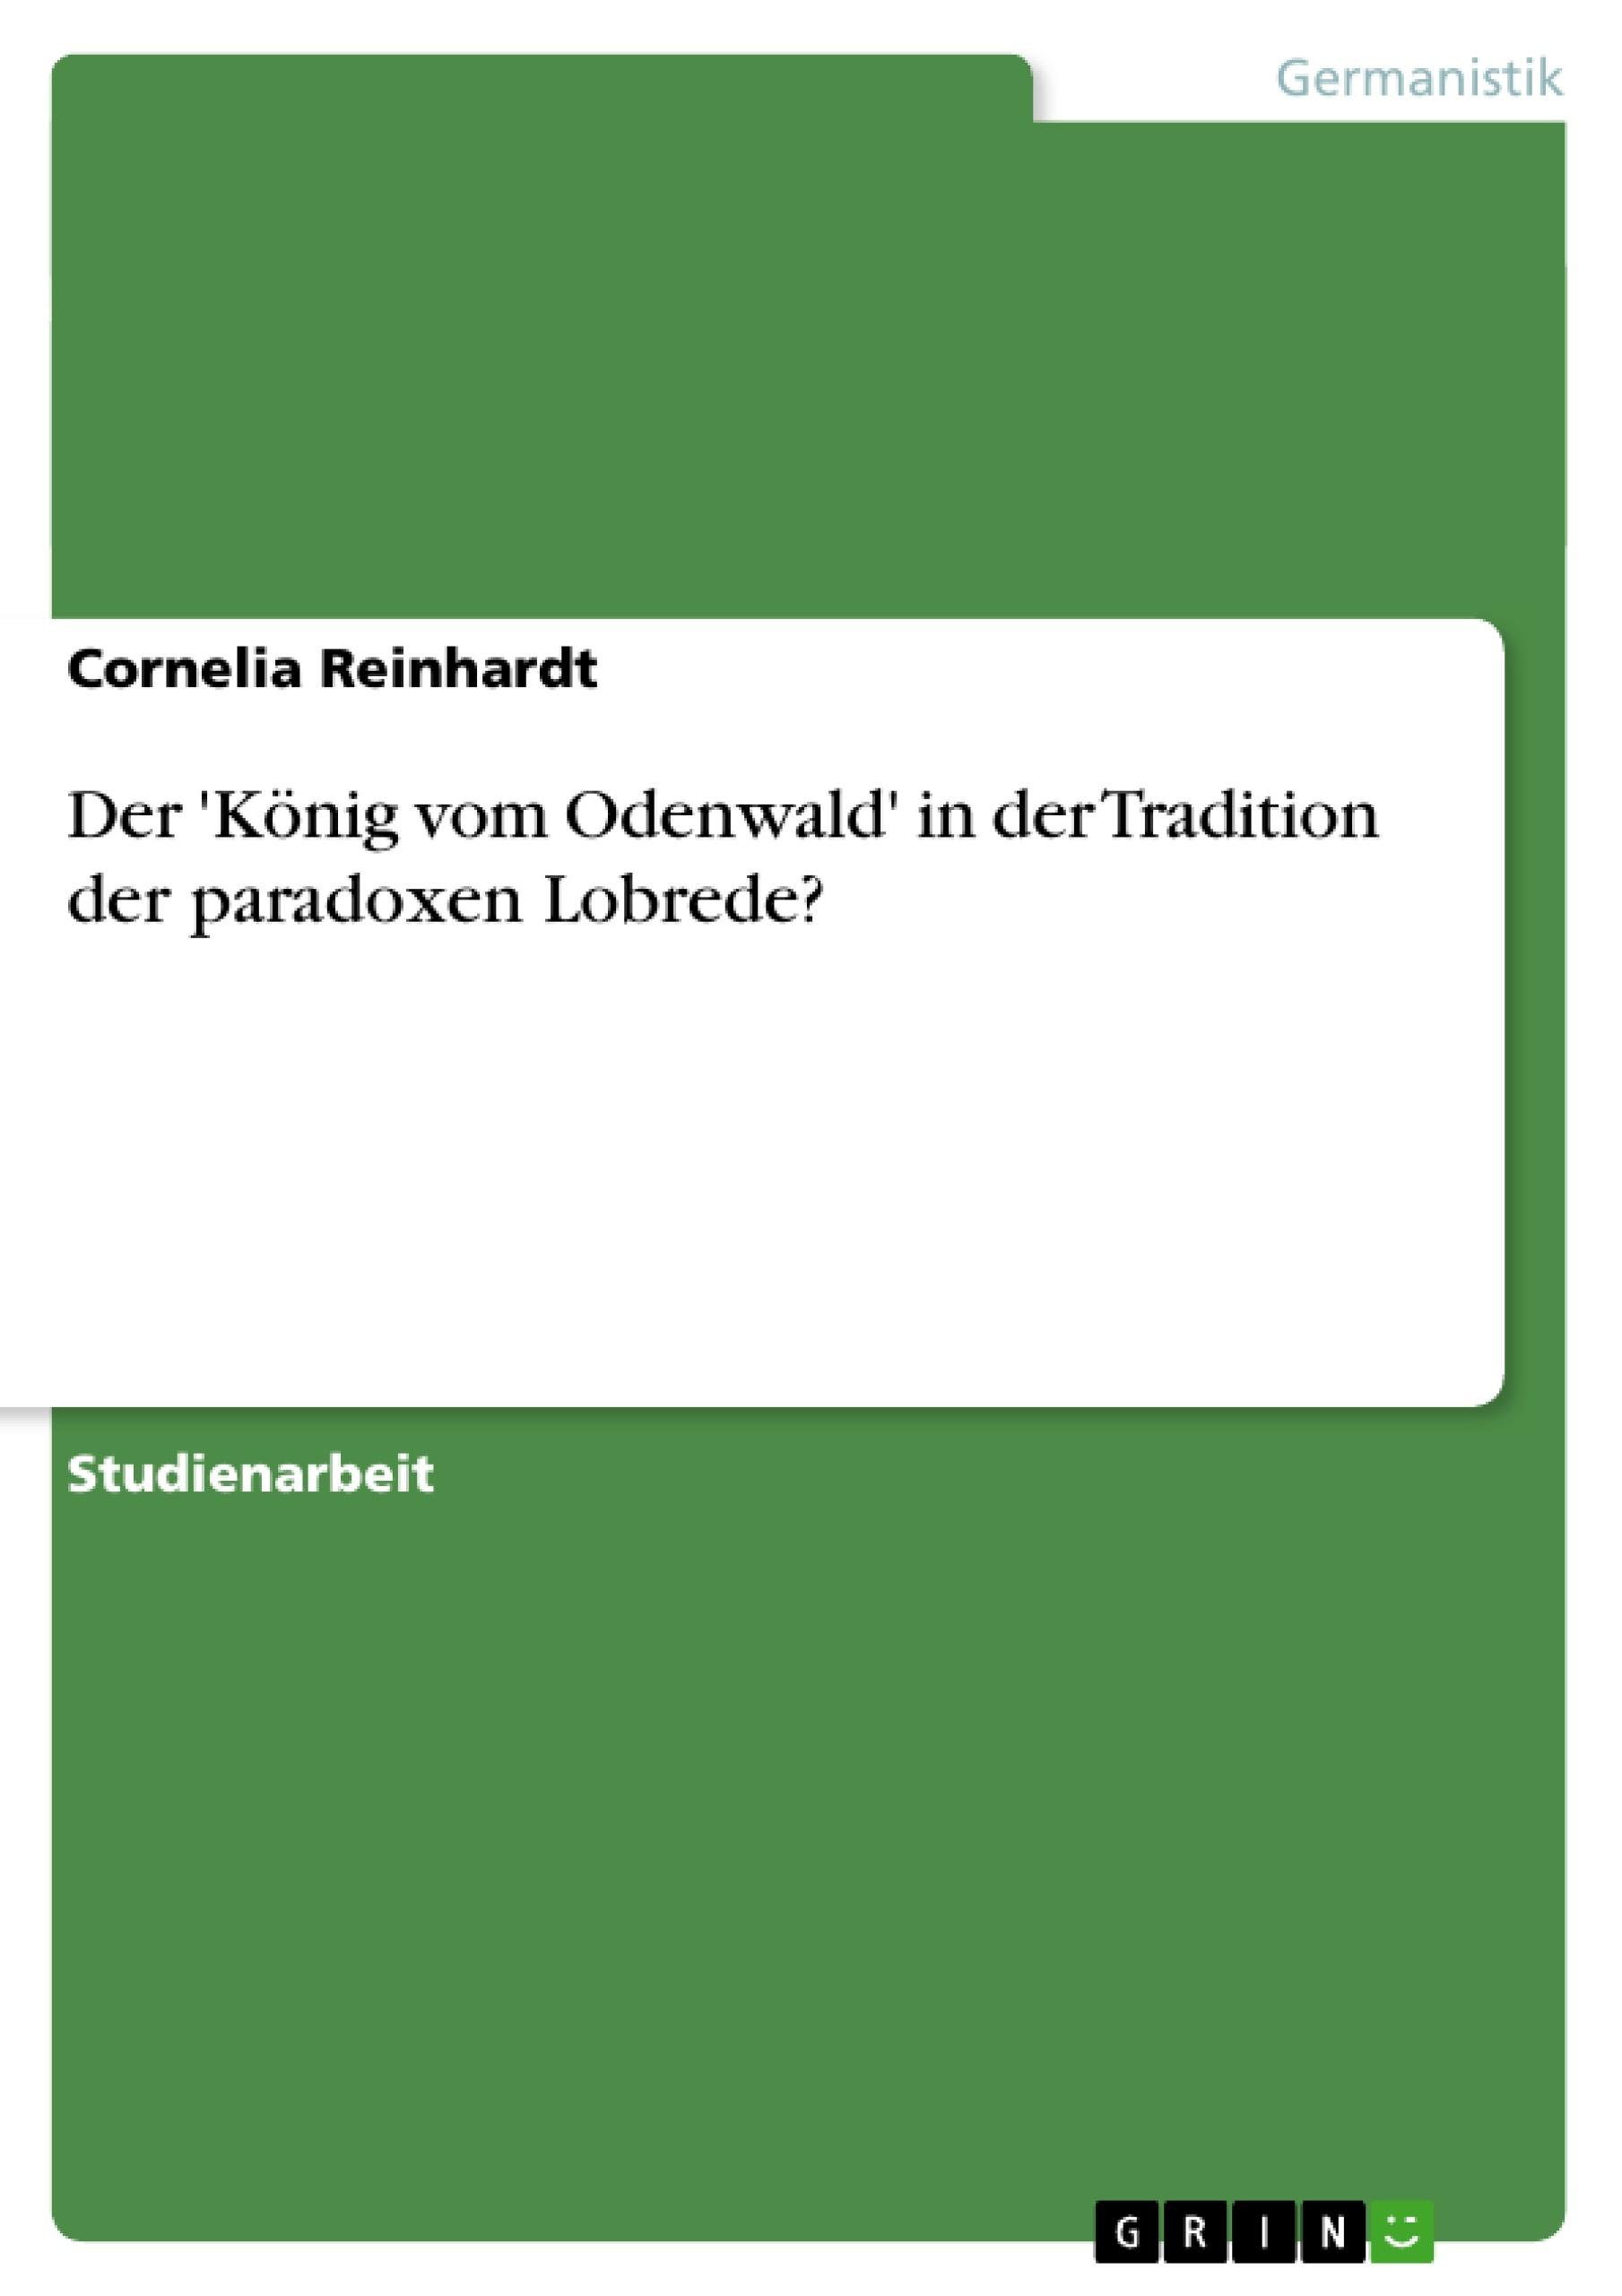 Titel: Der 'König vom Odenwald' in der Tradition der paradoxen Lobrede?